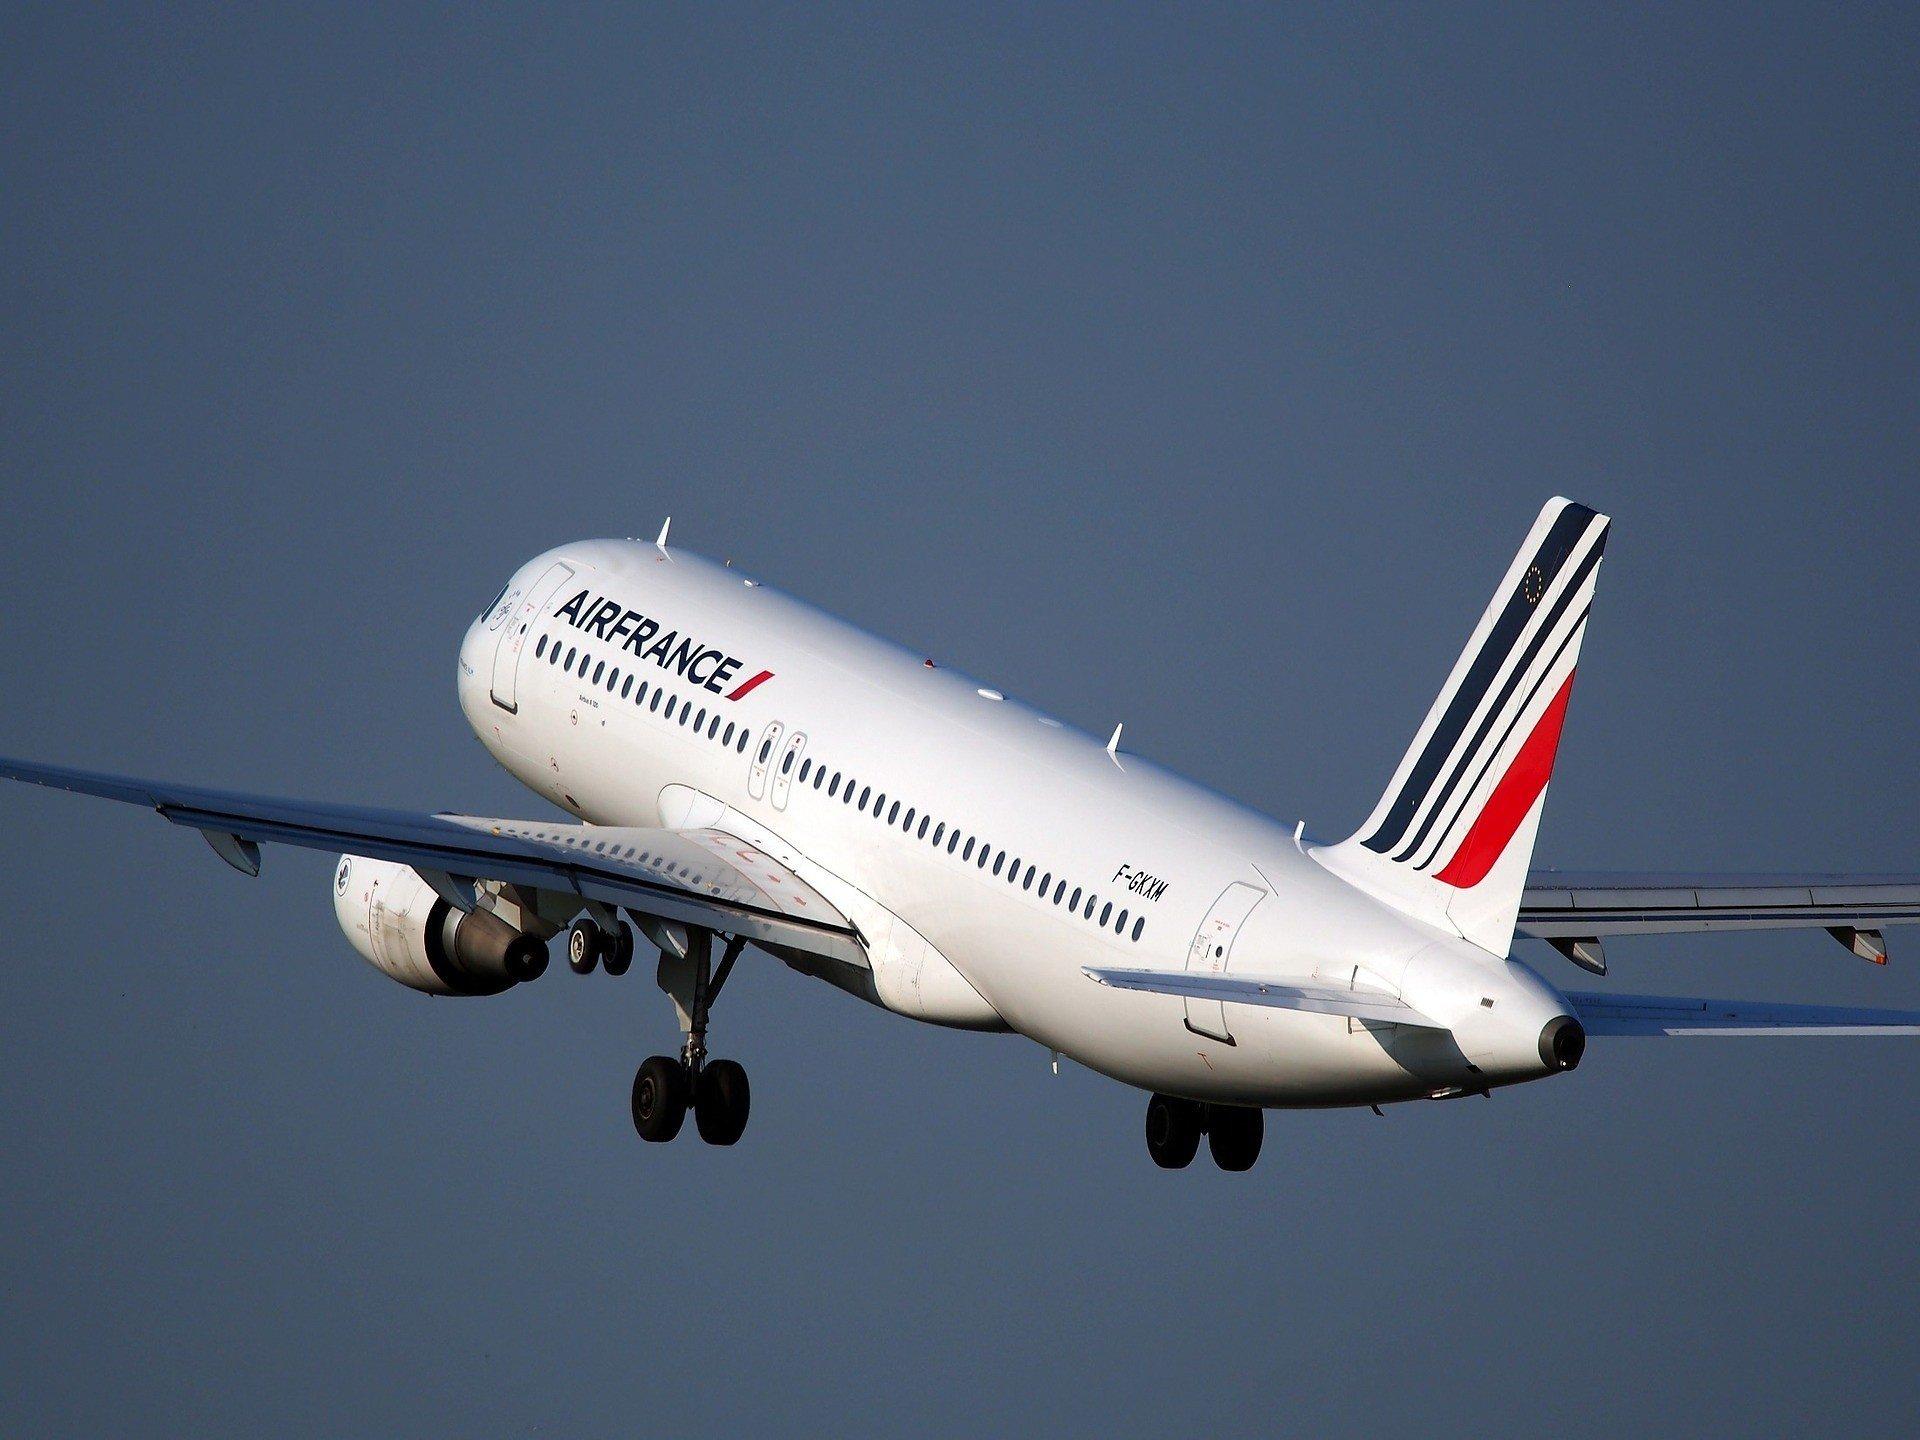 Меры безопасности авиаперевозок в условиях пандемии